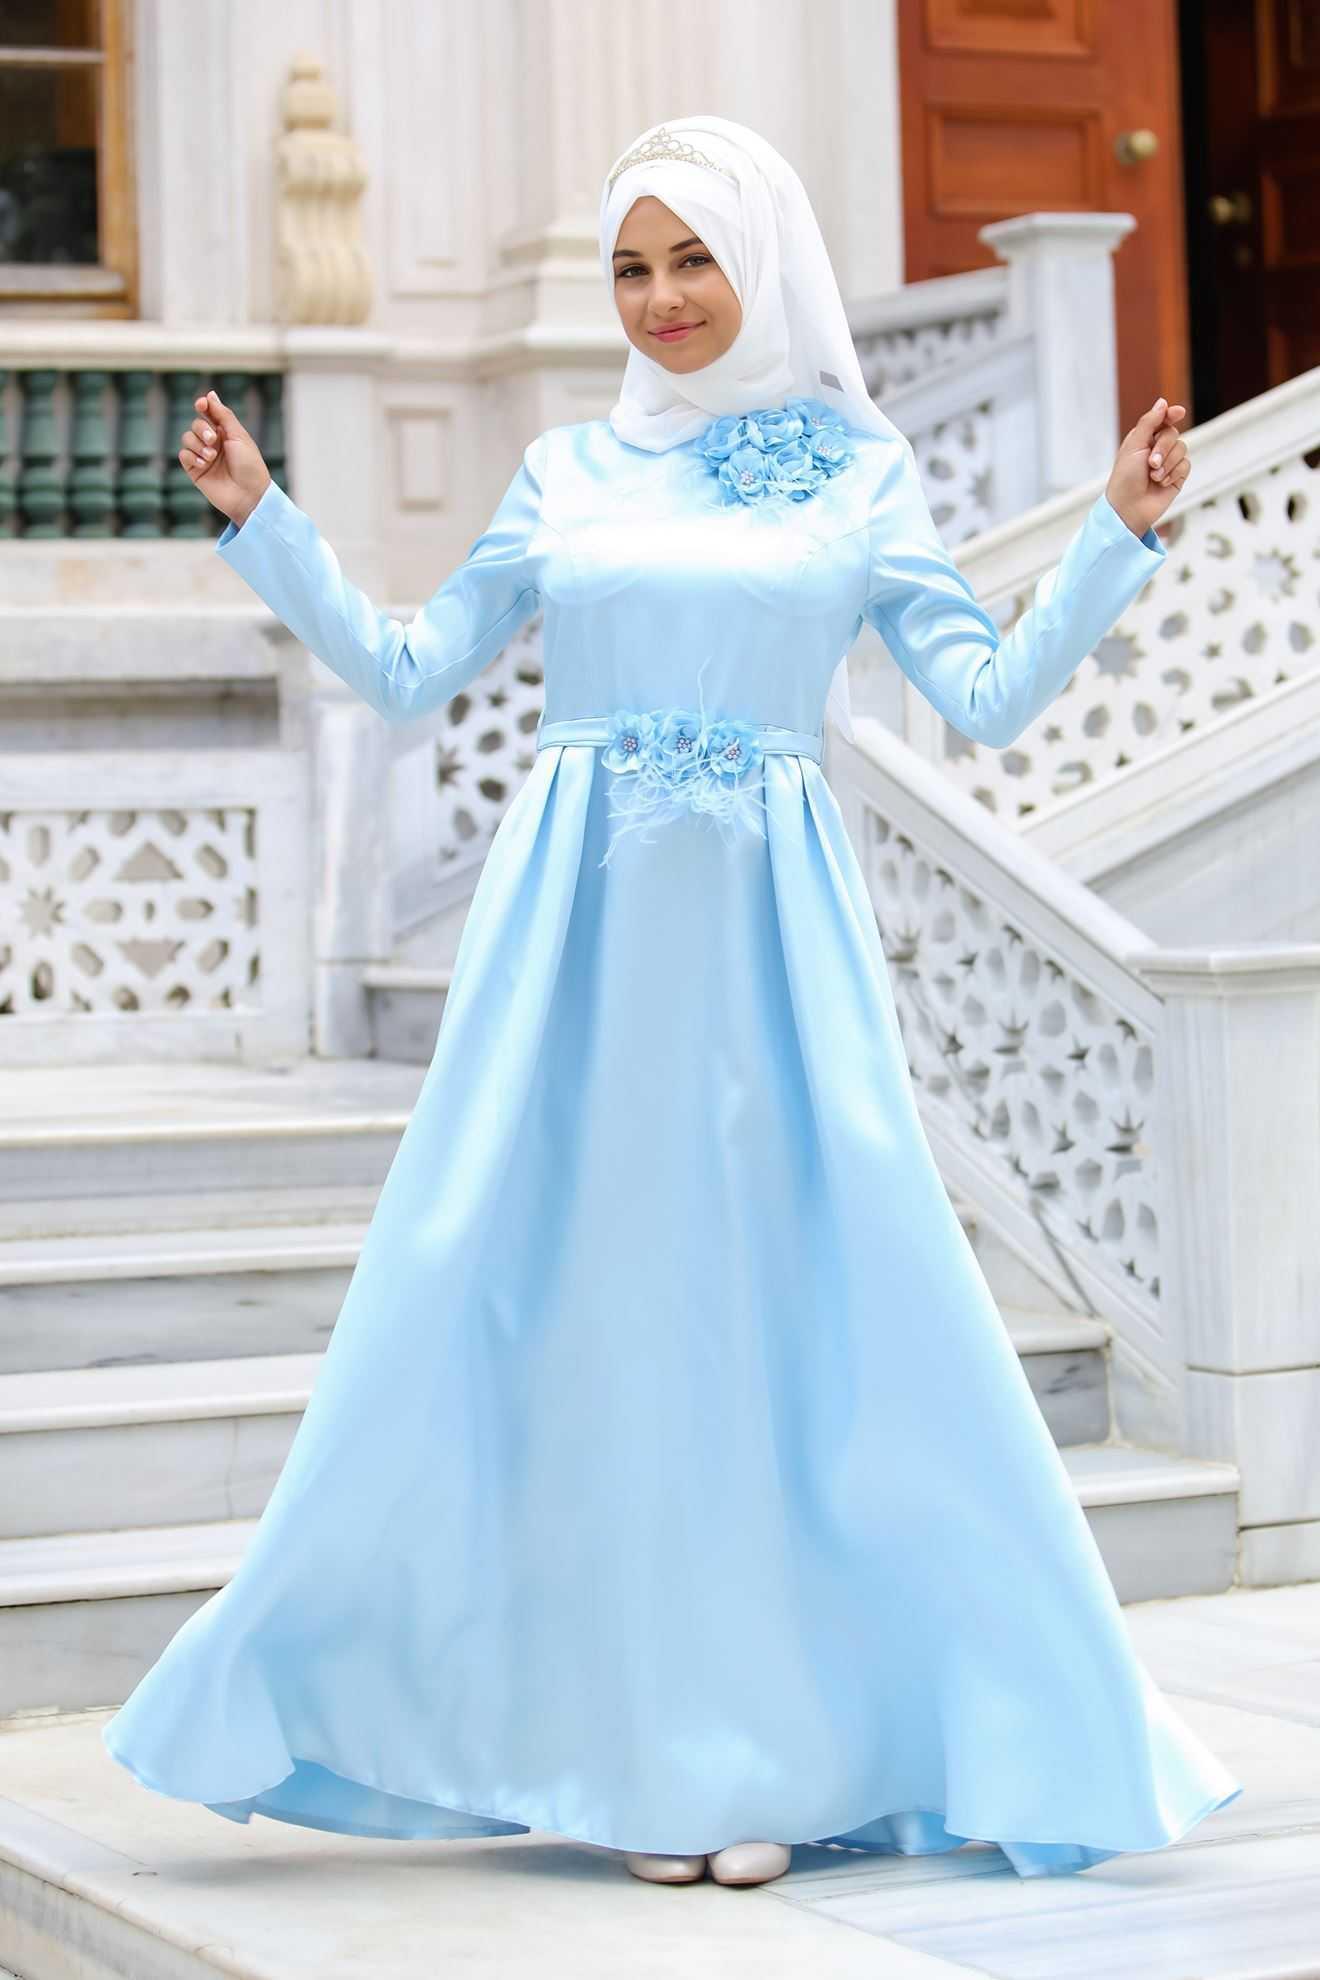 Sedanur Üç Boyutlu Tesettür Tafta Abiye Elbise Modelleri